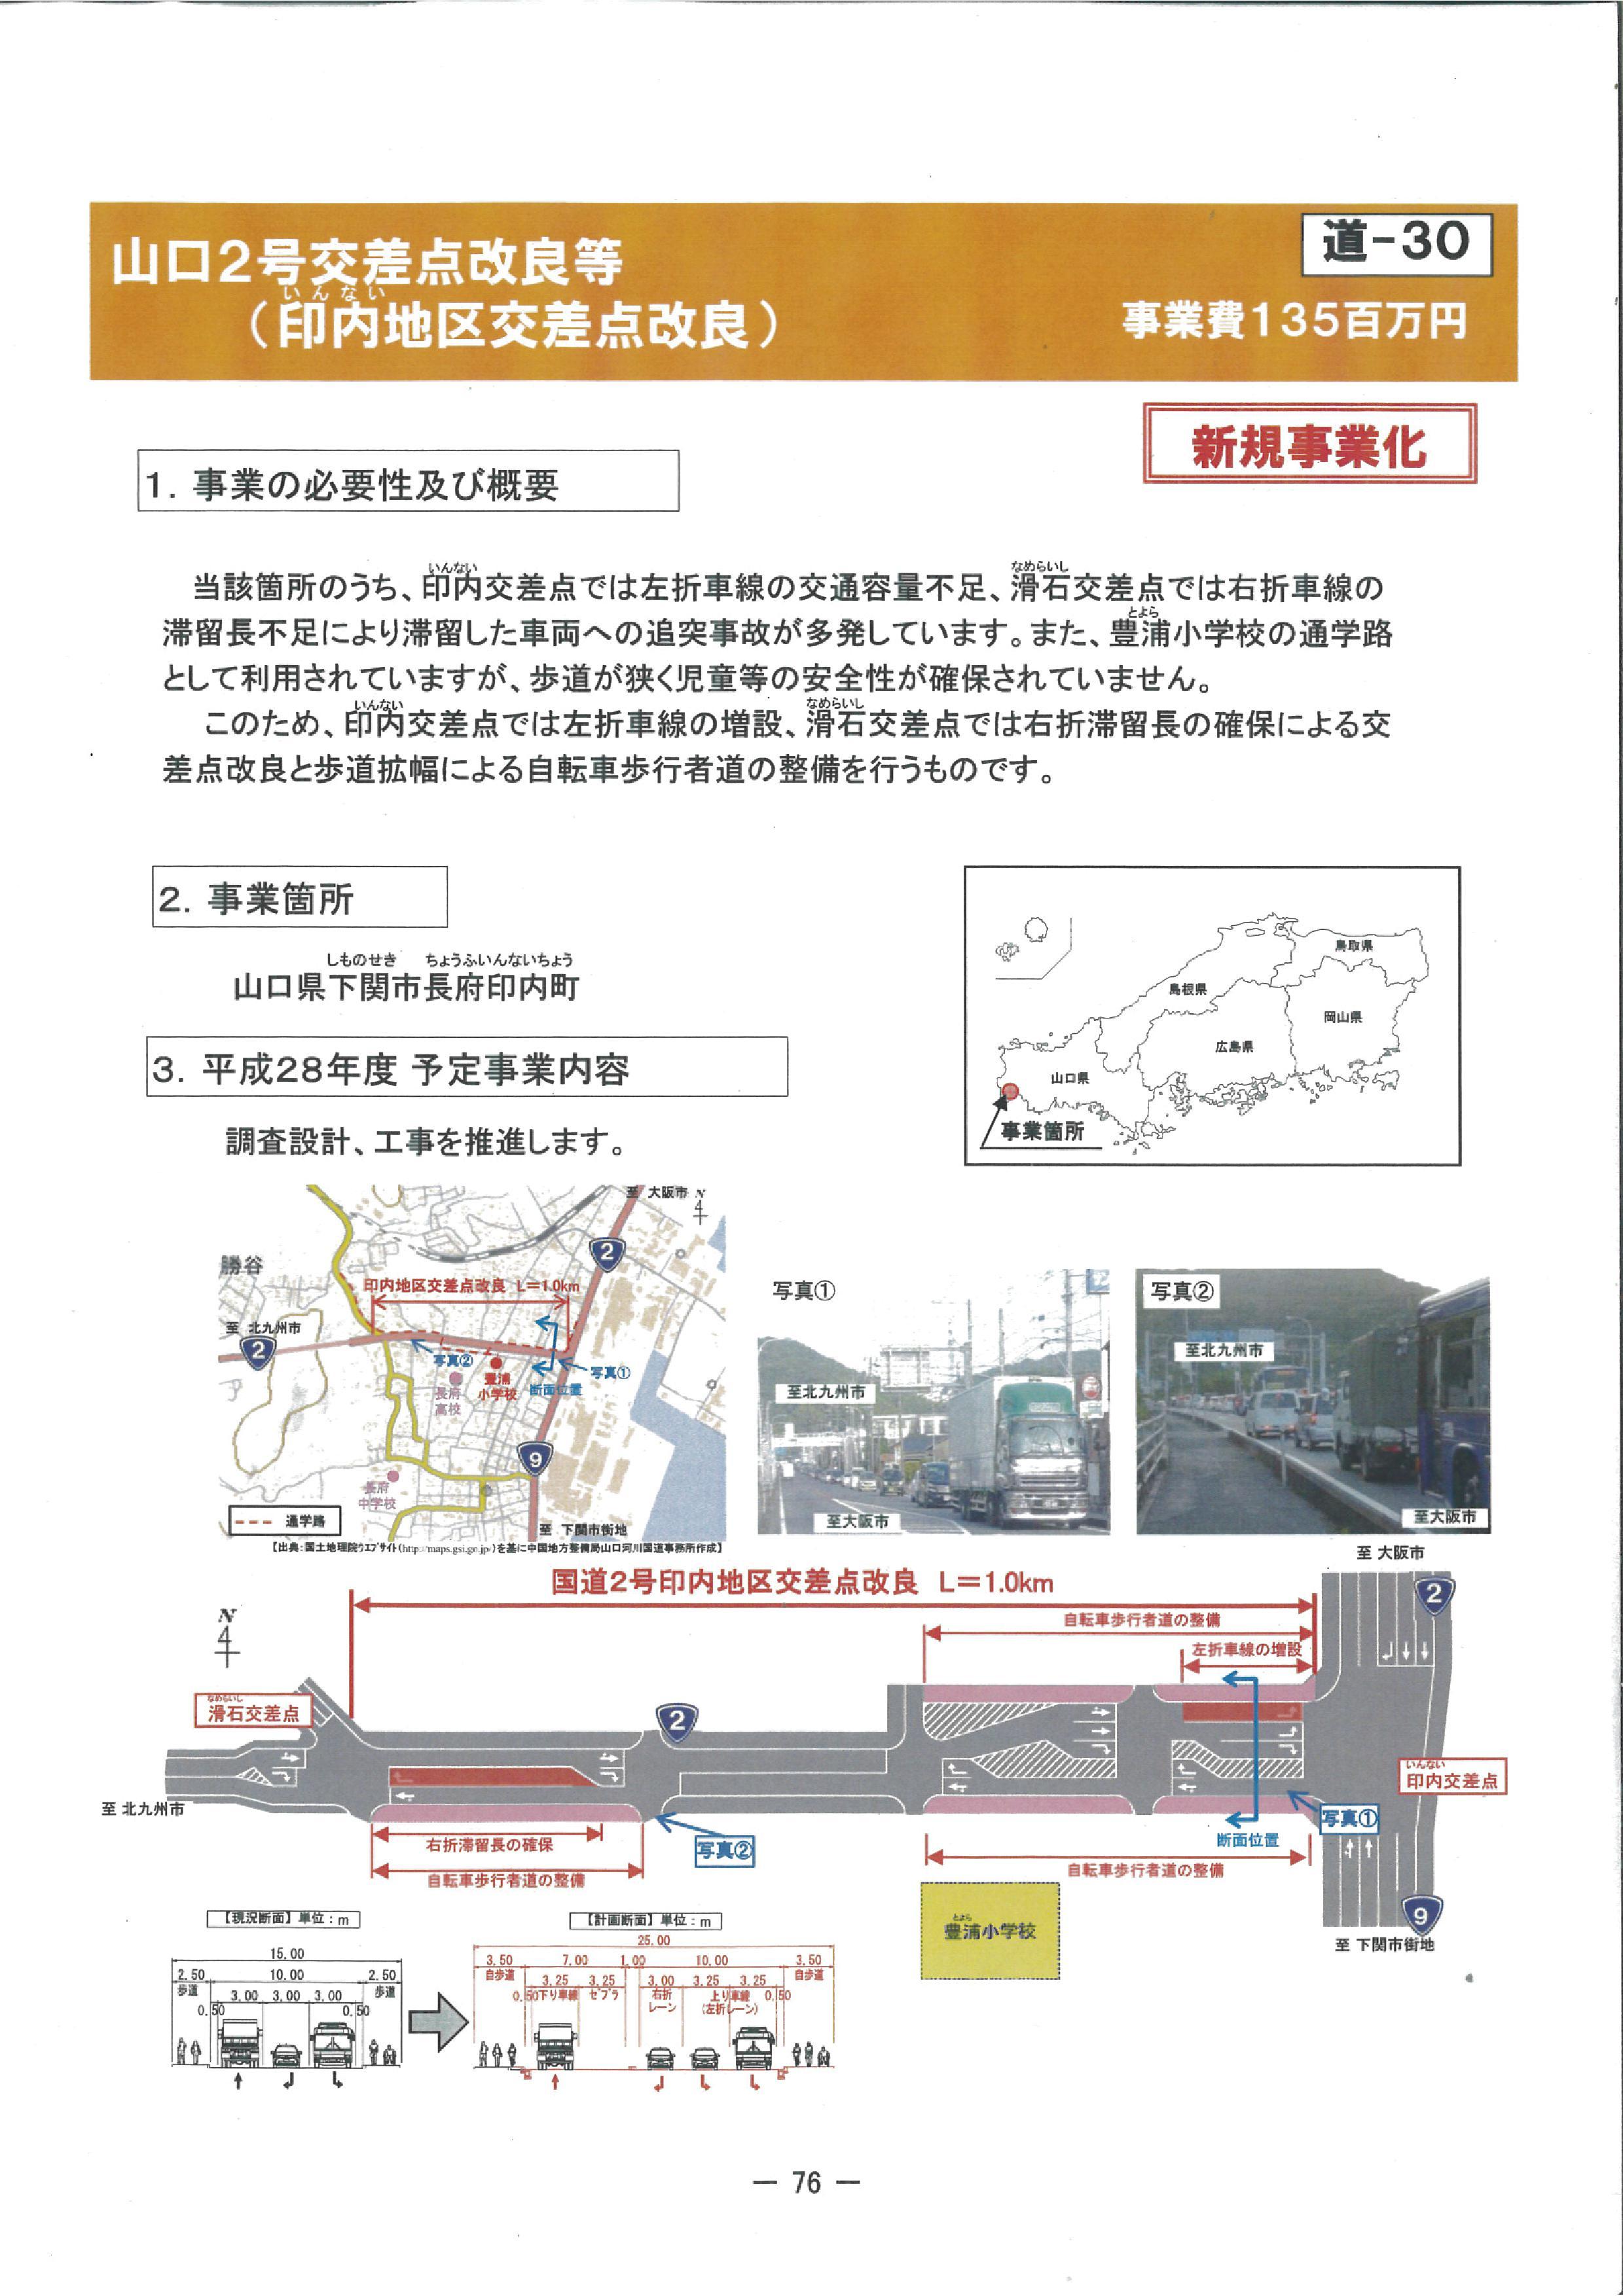 下関市一般国道2号長府印内整備促進総決起大会(160605)②